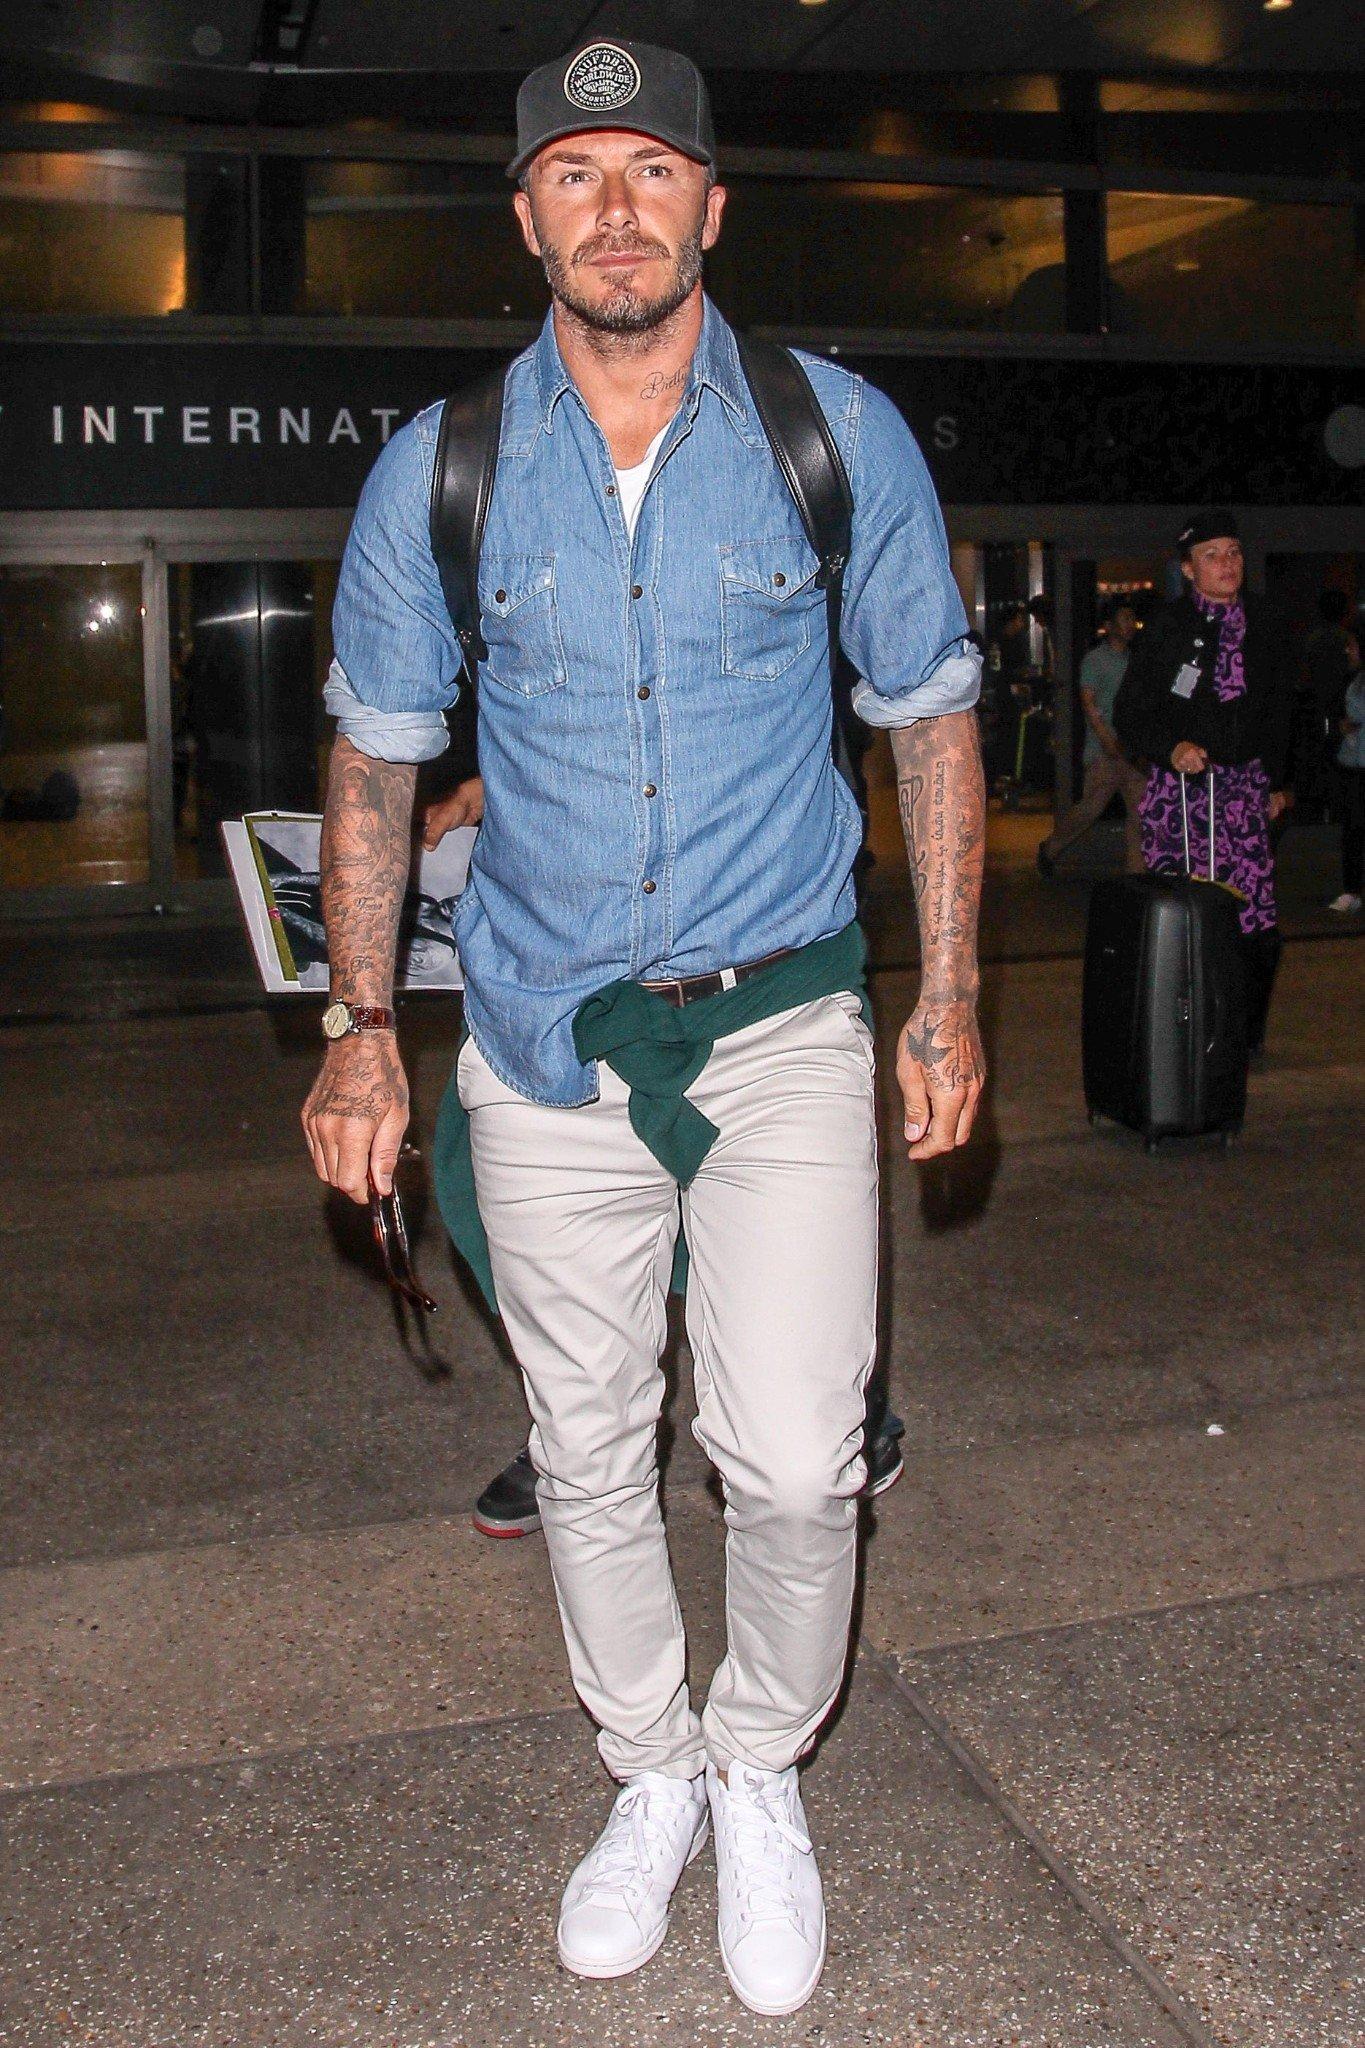 Muốn chị em ngả nghiêng, hãy mặc như David Beckham 2